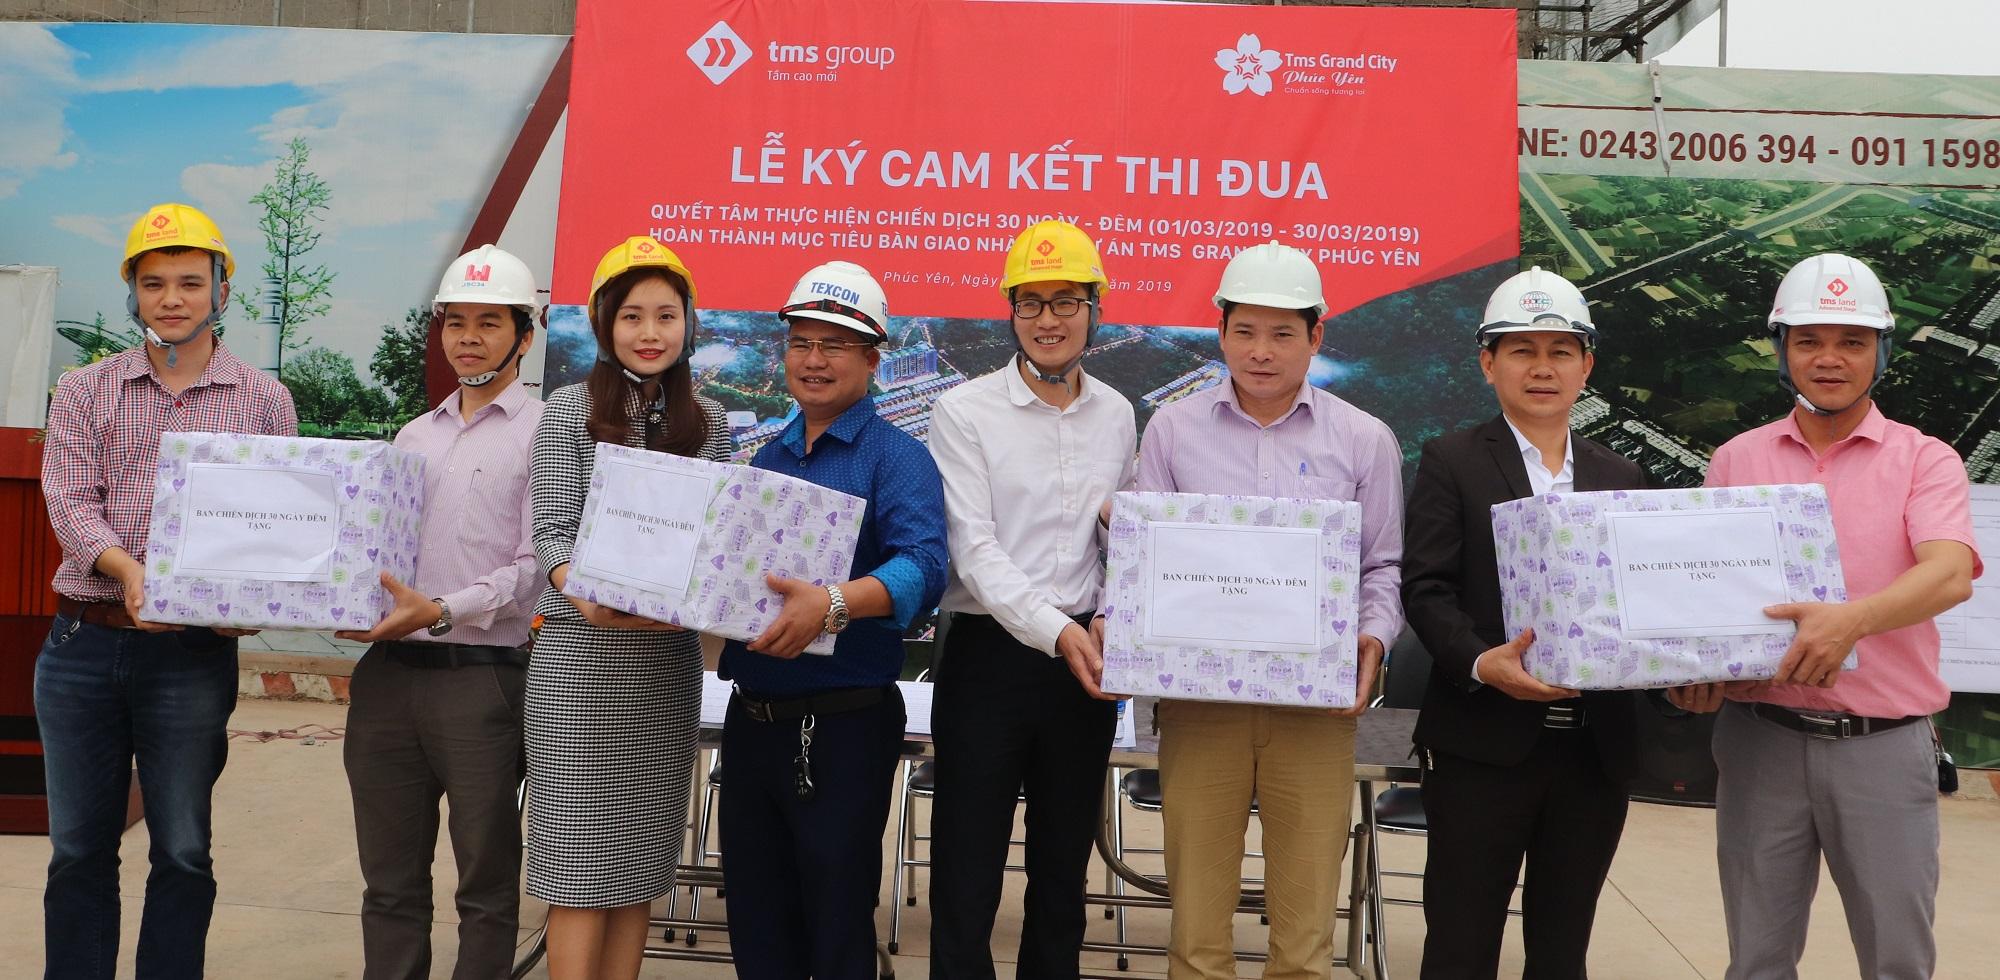 Tập đoàn TMS: Nỗ lực cán đích bàn giao nhà giai đoạn 1 TMS Grand City Phuc Yen - Ảnh 4